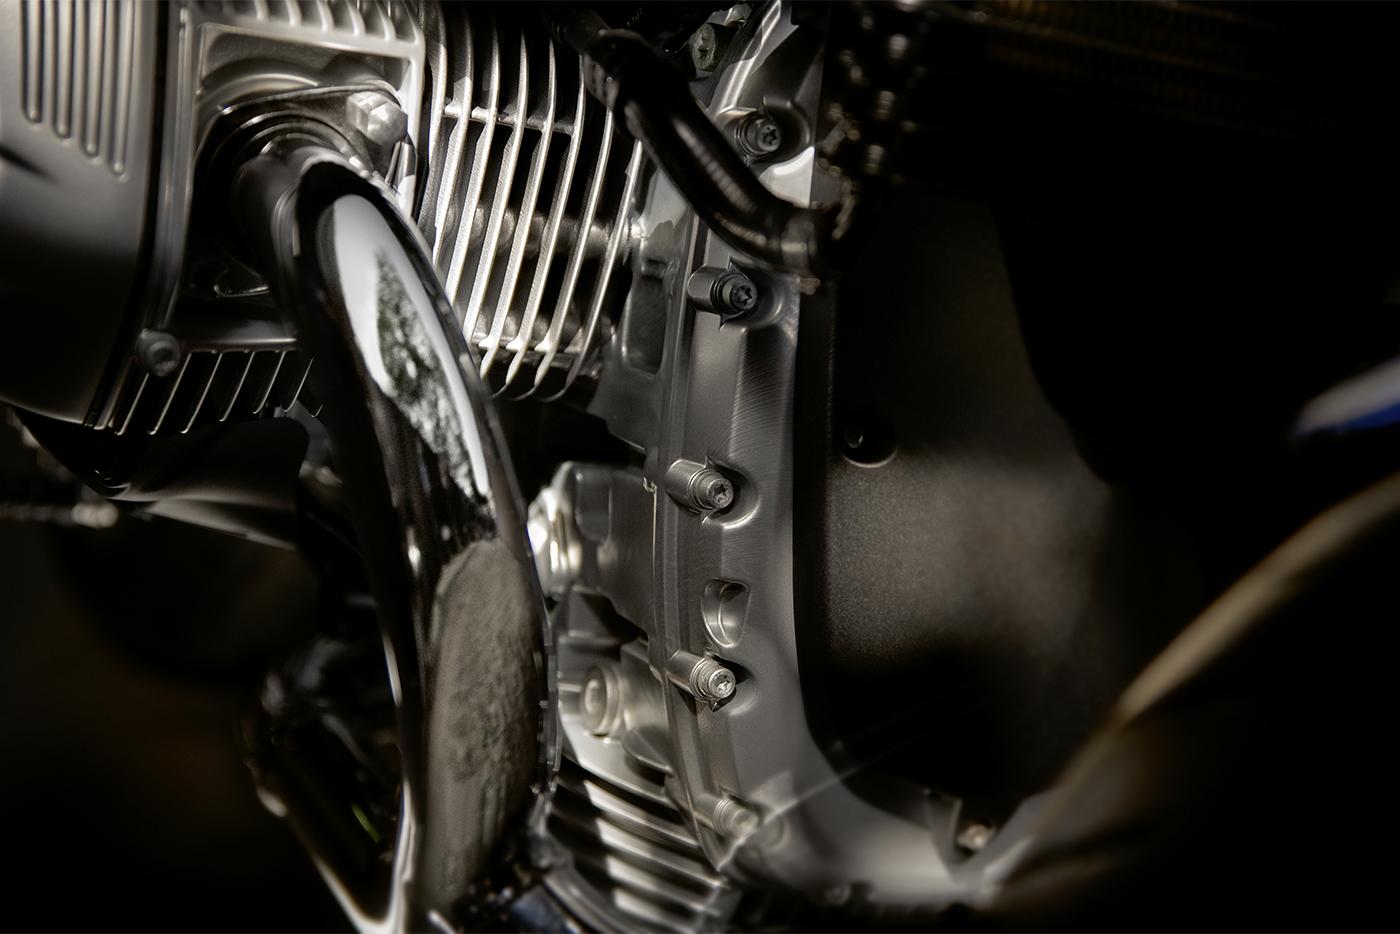 2019-bmw-motorrad-r-ninet-5-6.jpg